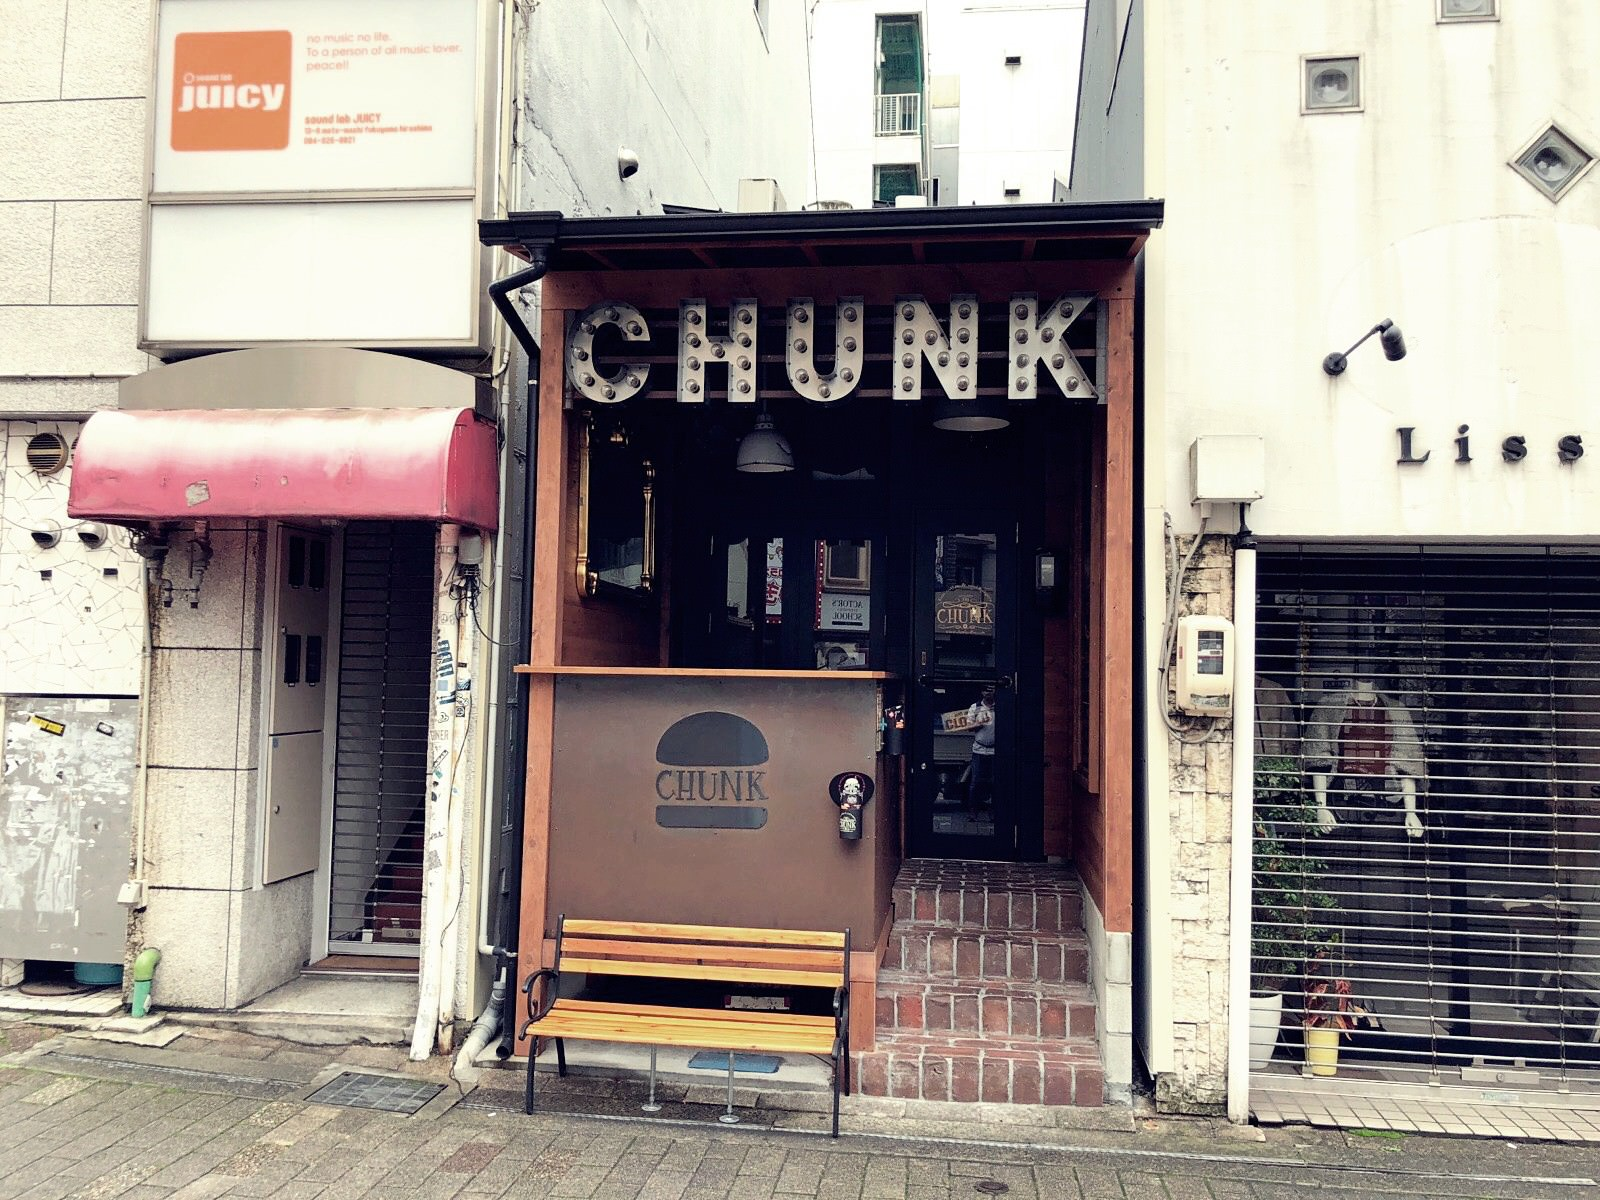 Chunkの外観